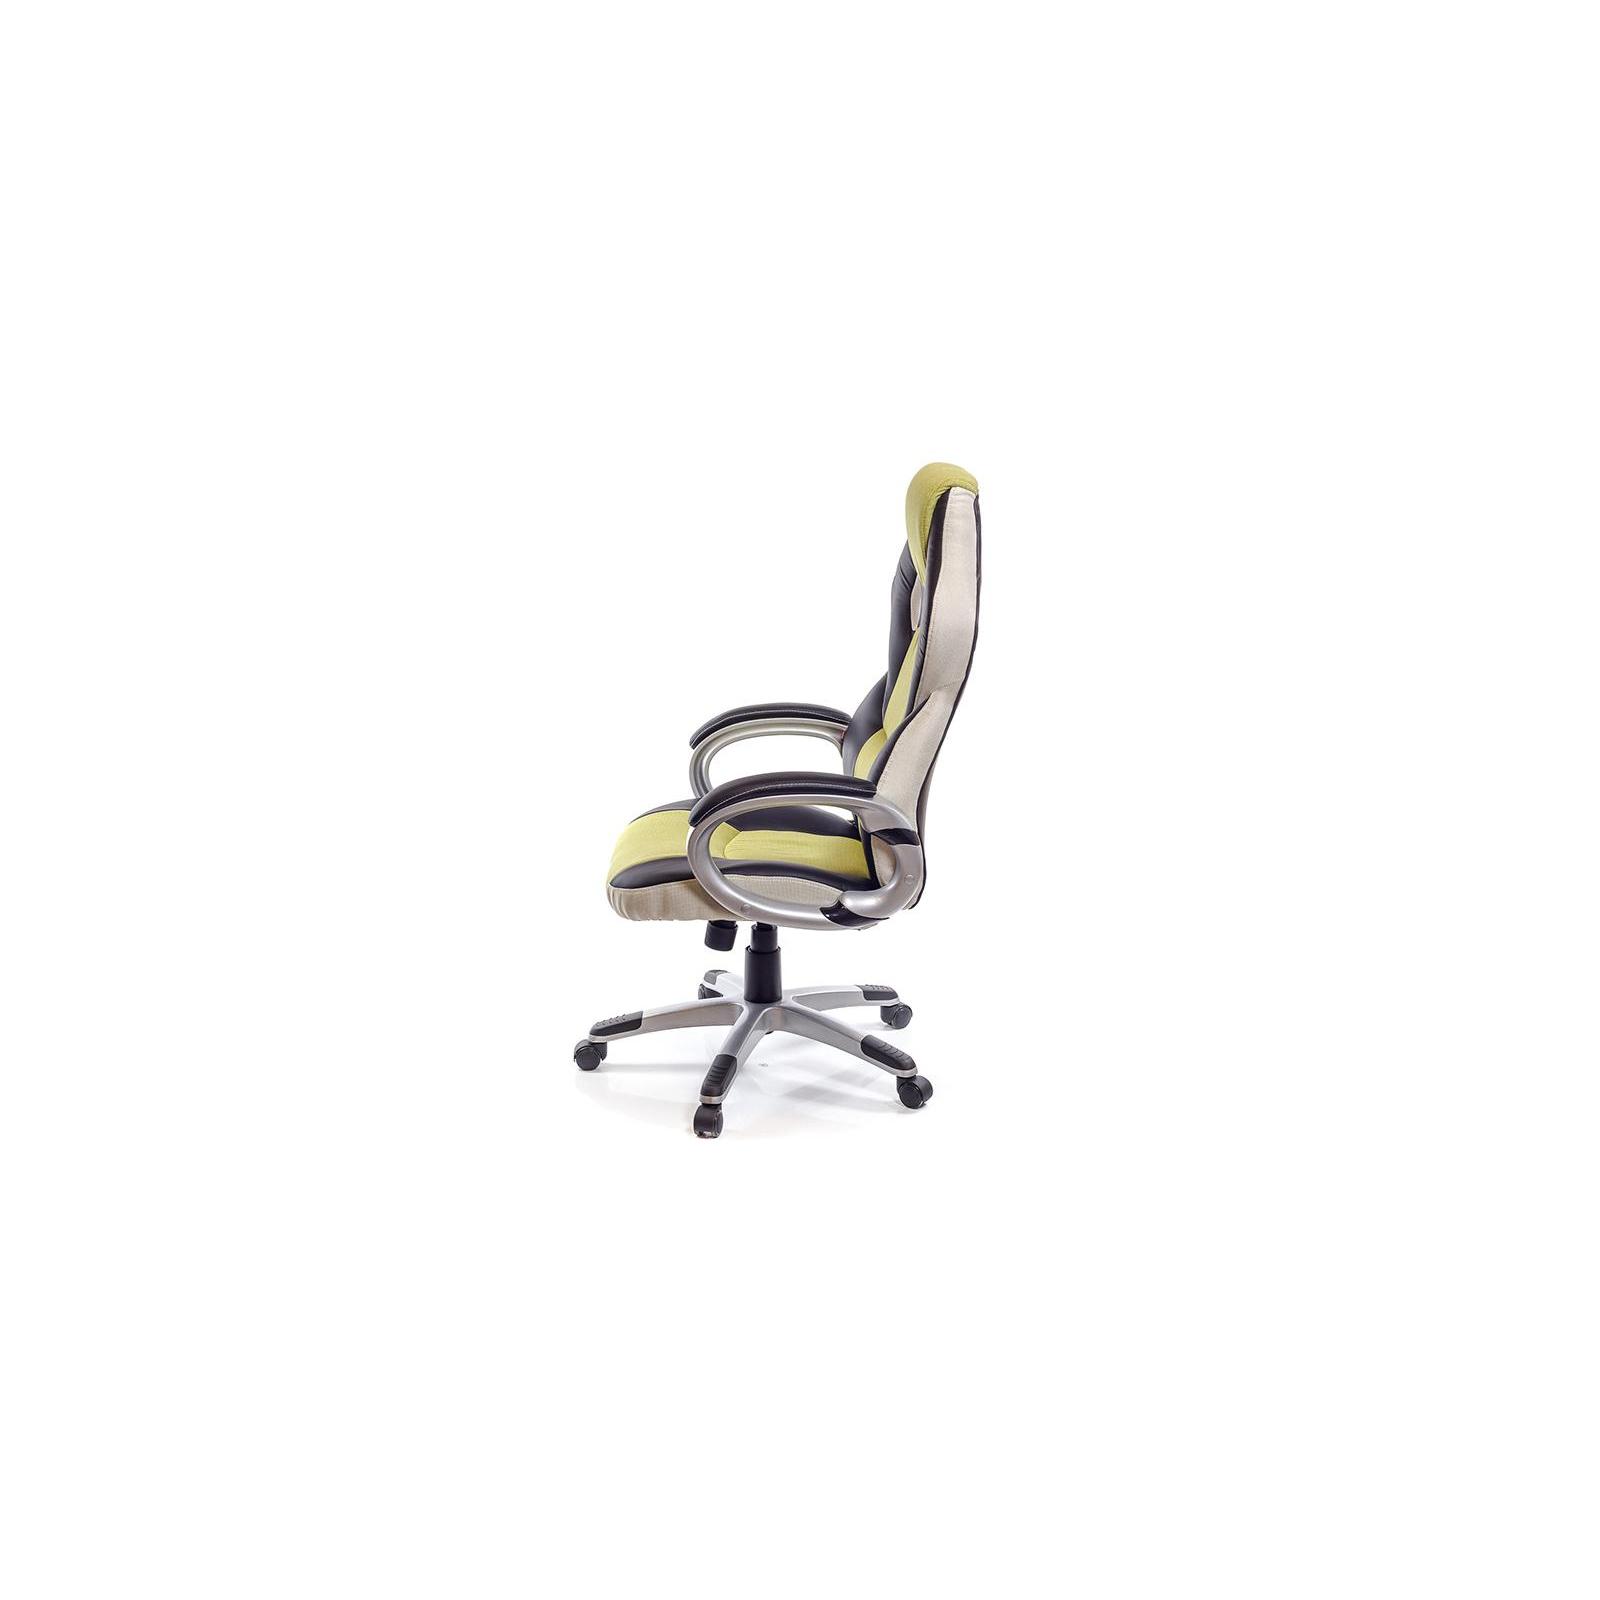 Кресло игровое АКЛАС Антарес PL TILT Салатовое (07348) изображение 3